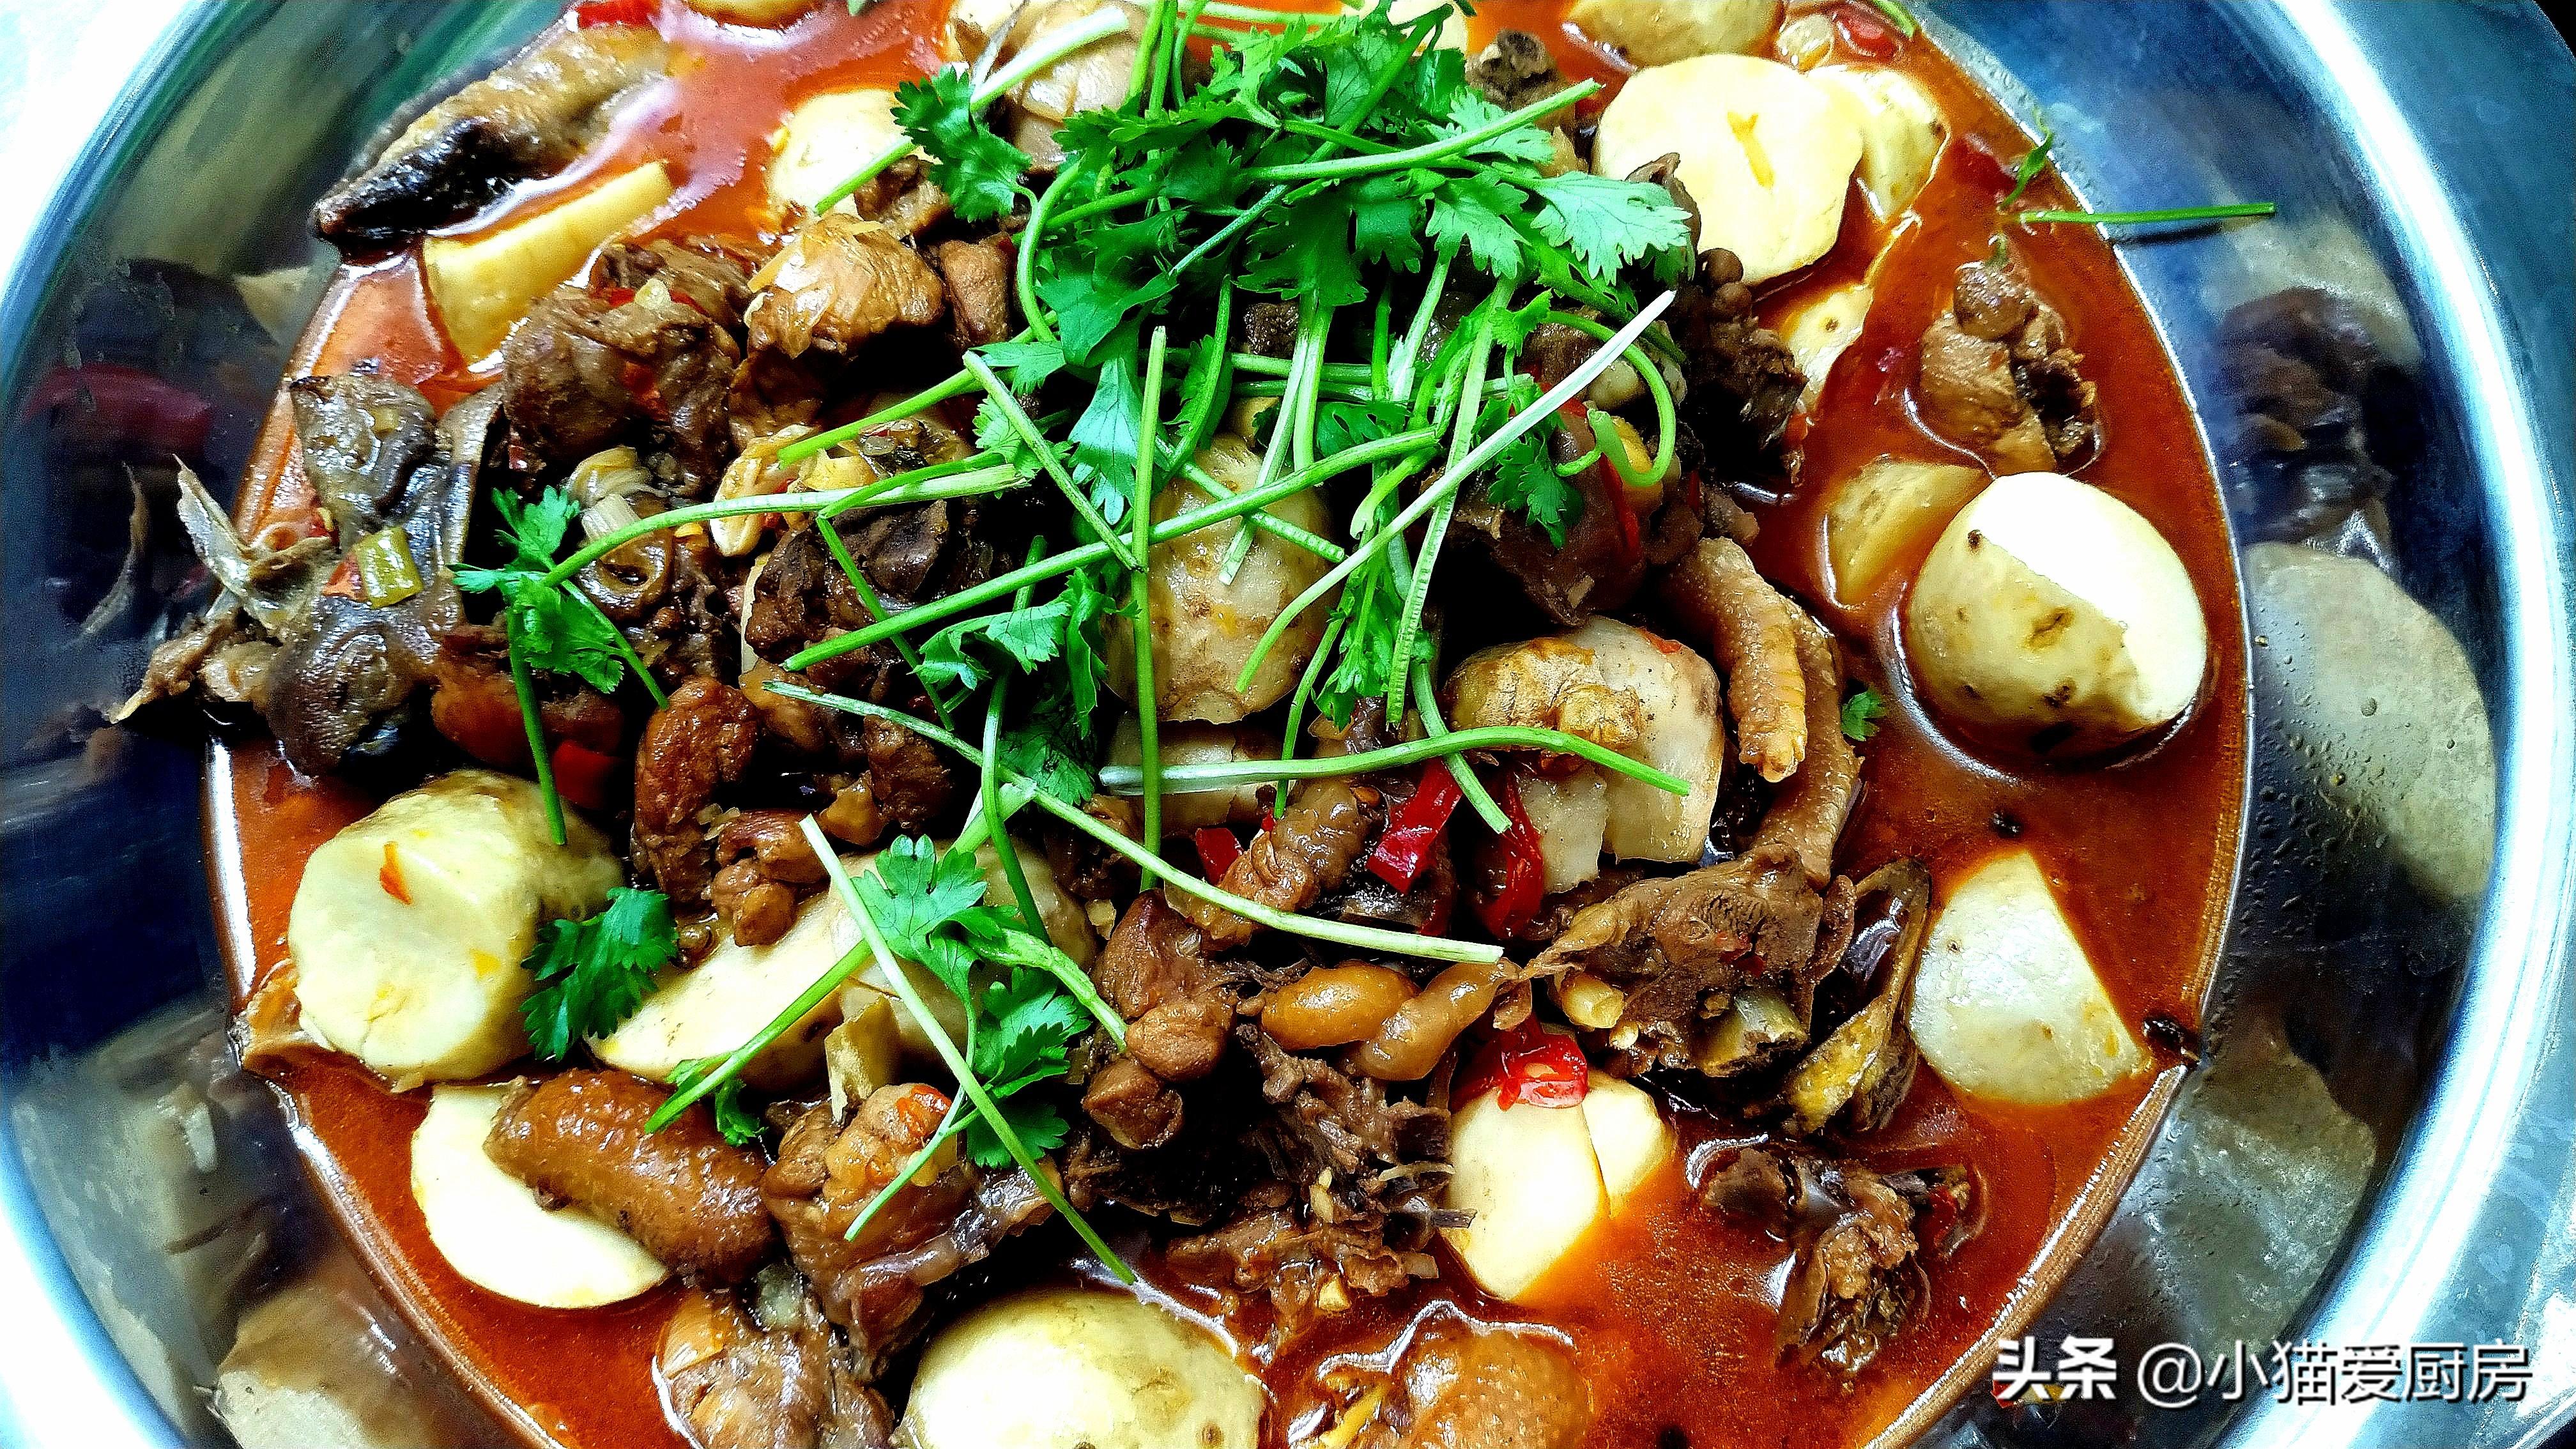 芋儿烧鸡肉家常做法 芋头软糯 鸡肉香辣嫩滑好吃